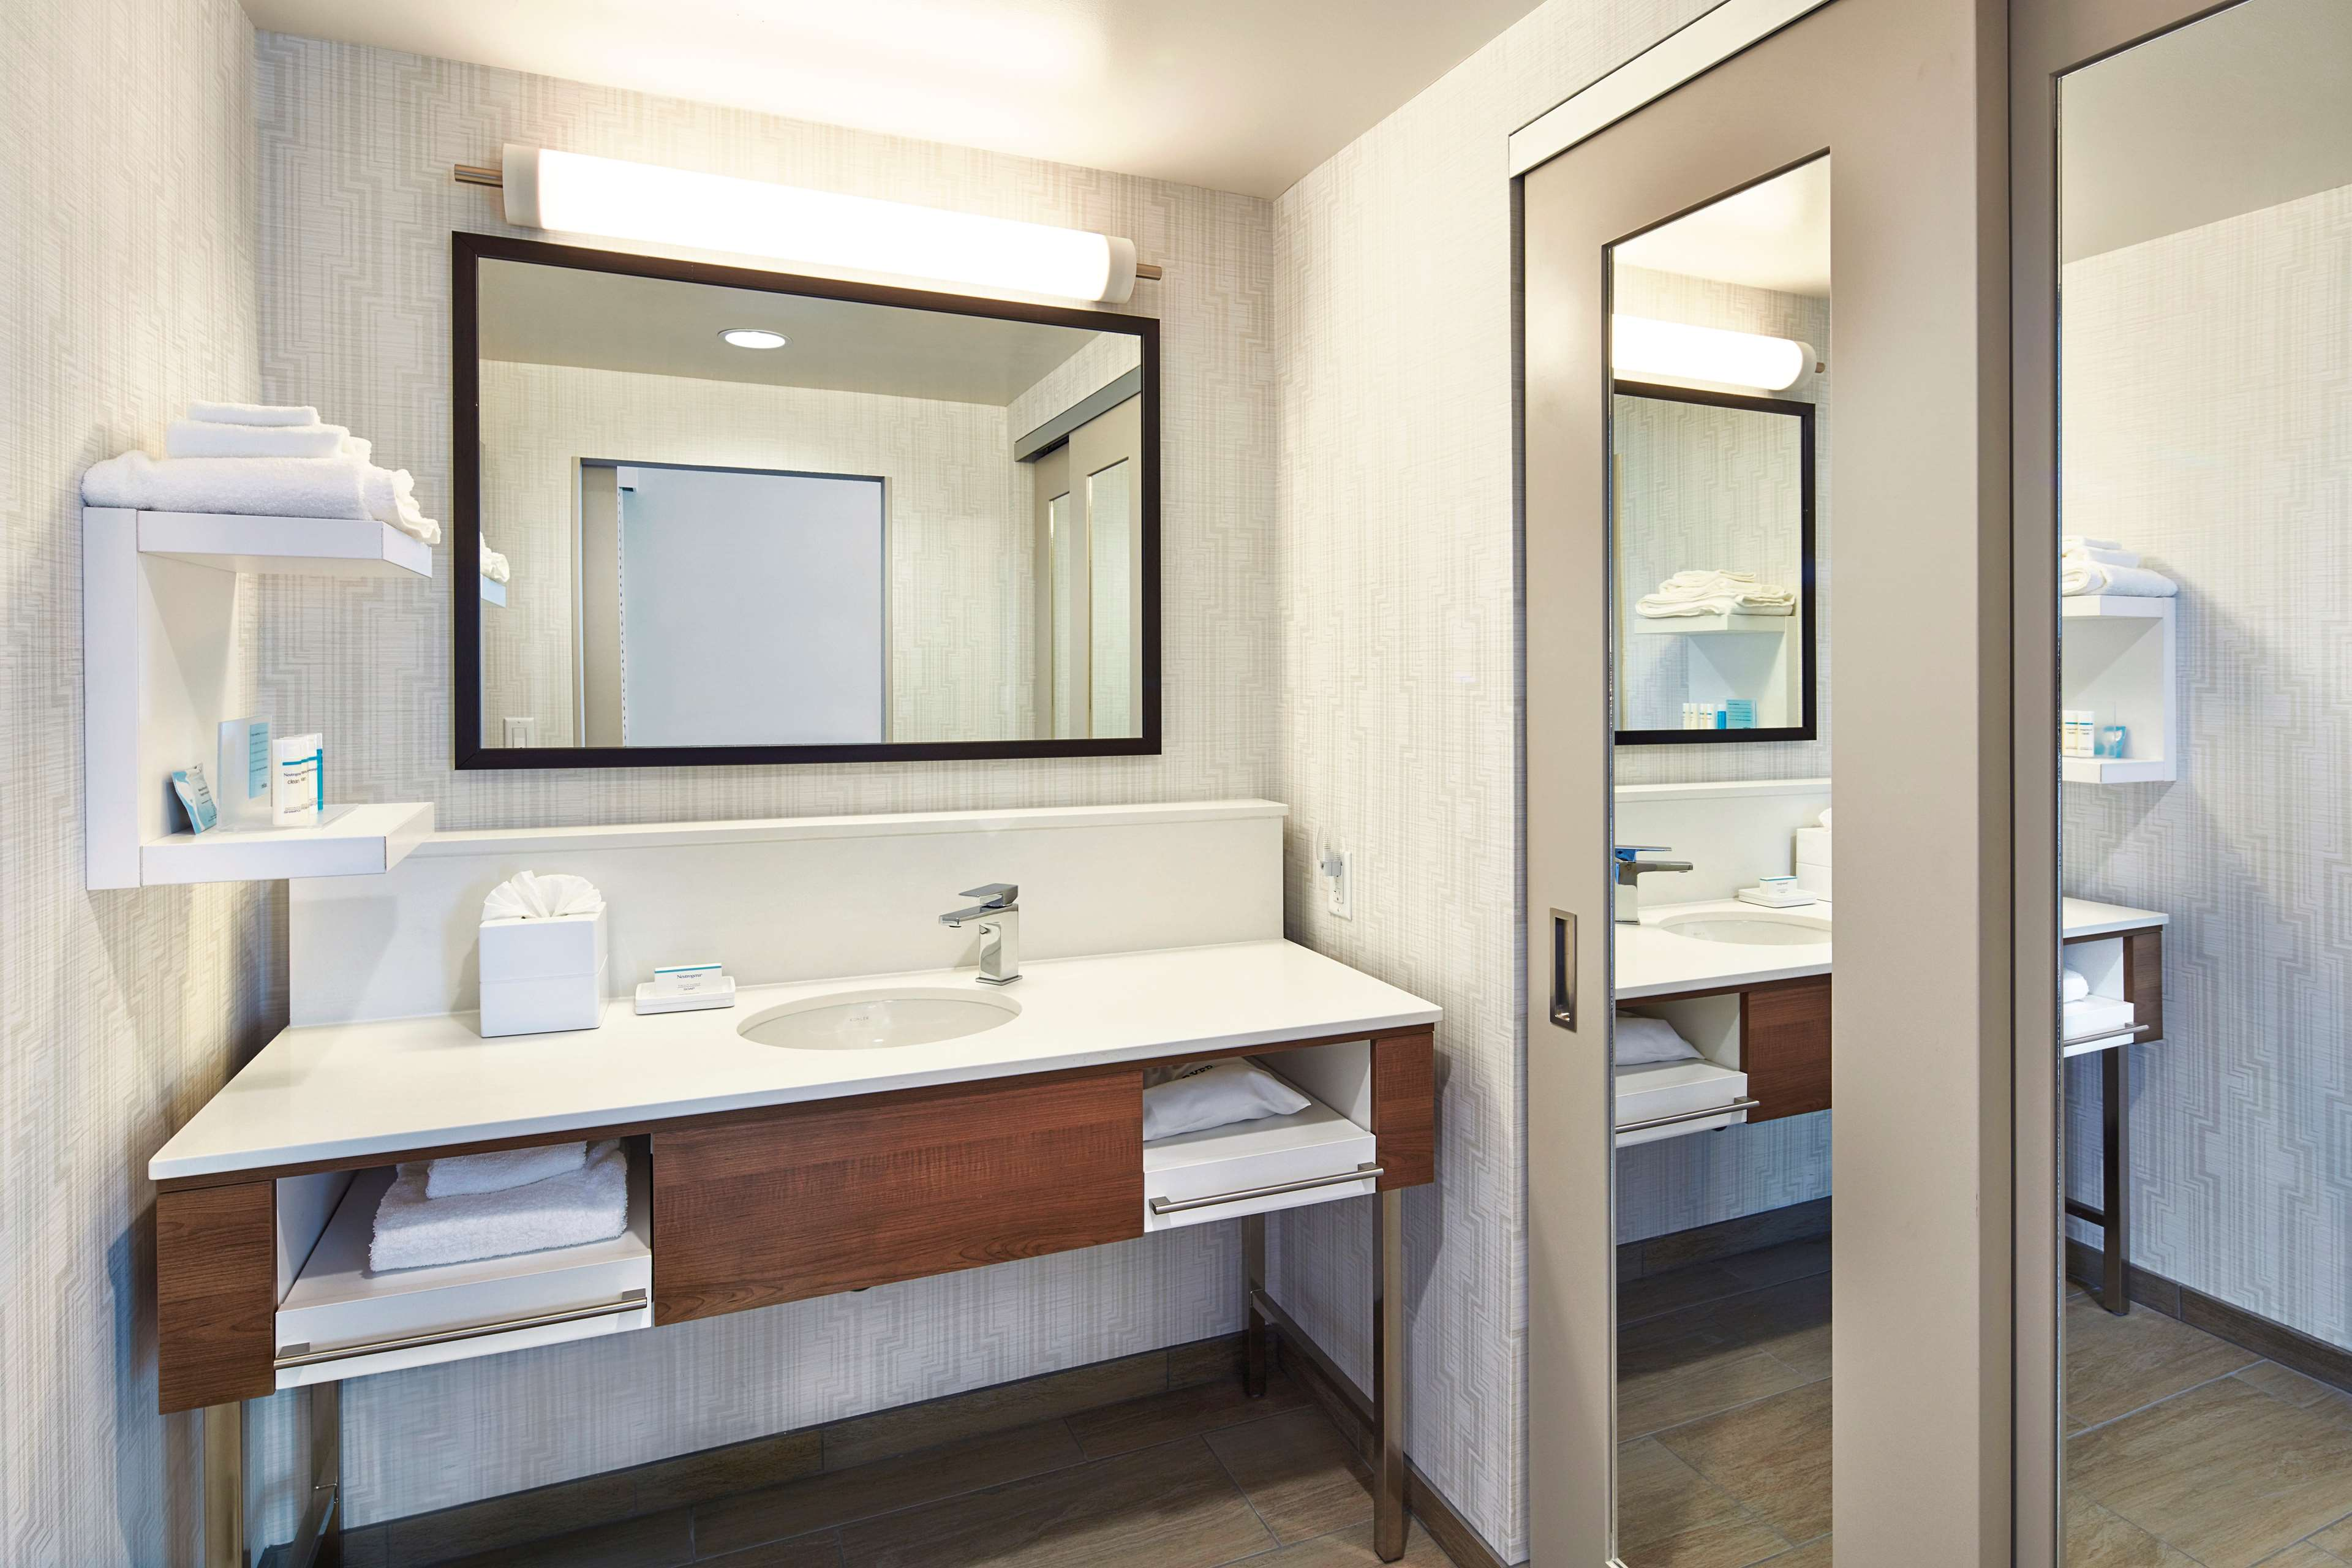 Hampton Inn & Suites Sacramento at CSUS image 41